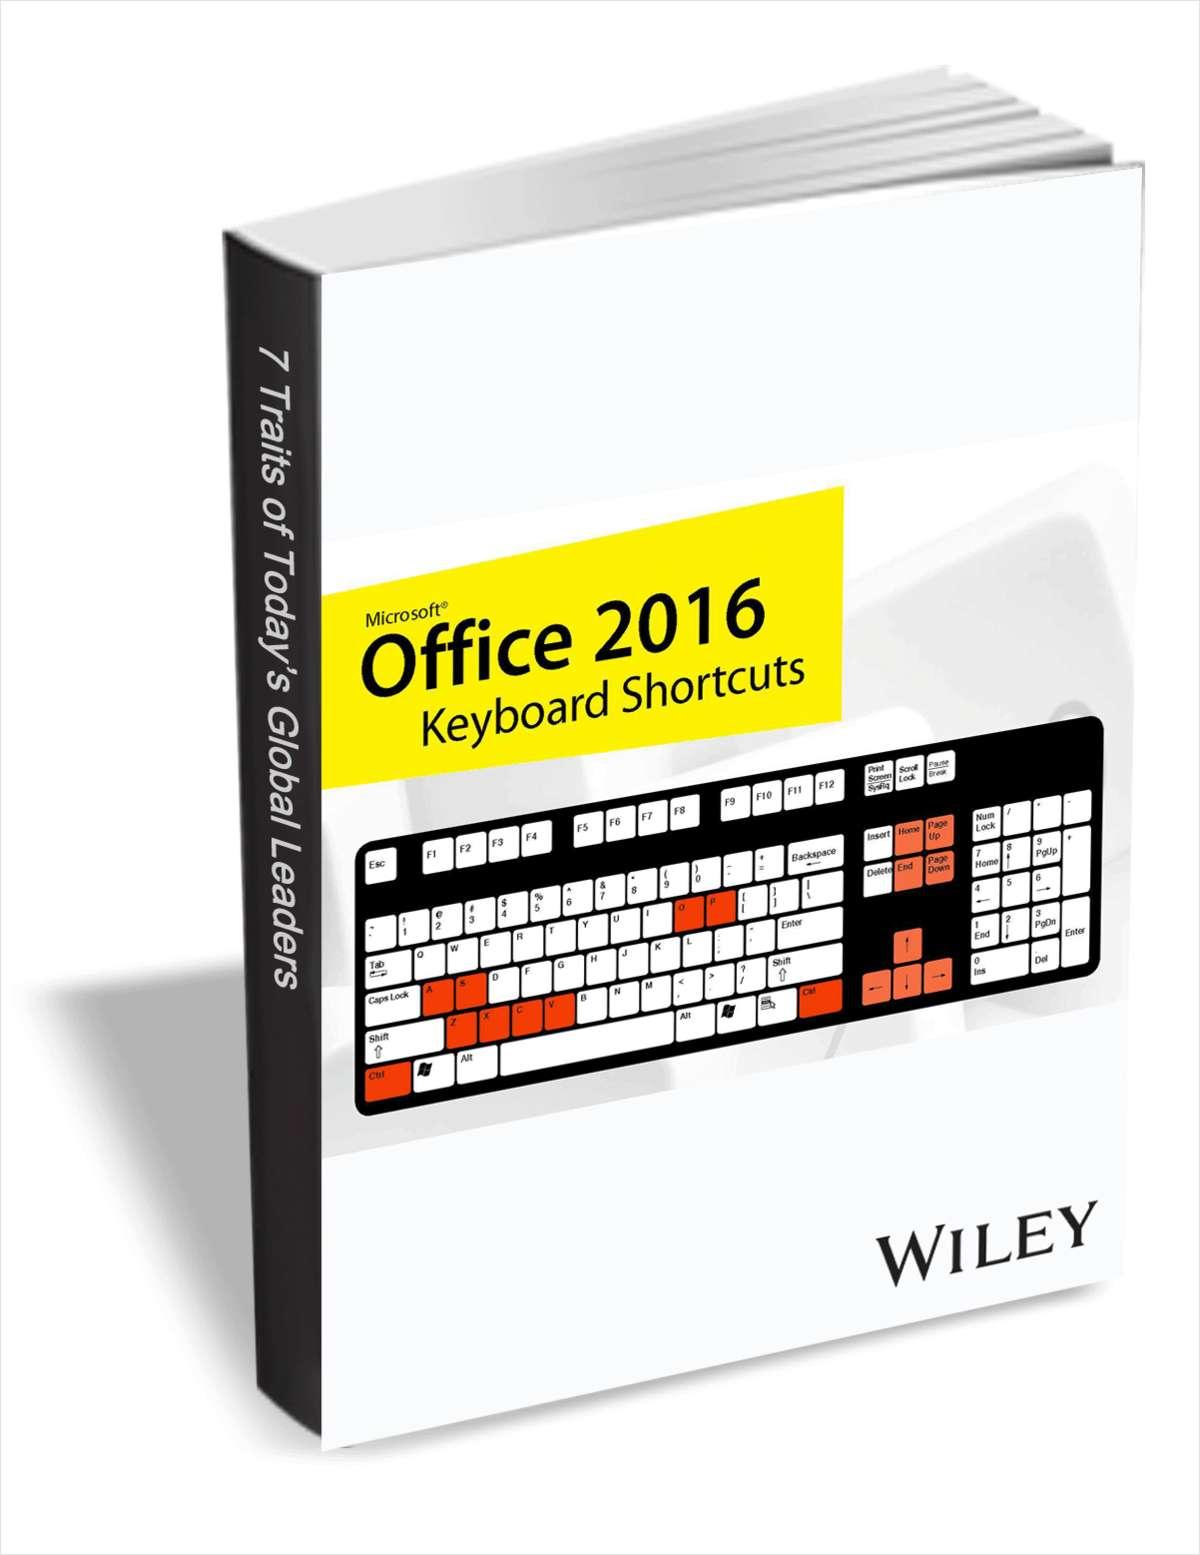 Office 2016 Keyboard Shortcuts